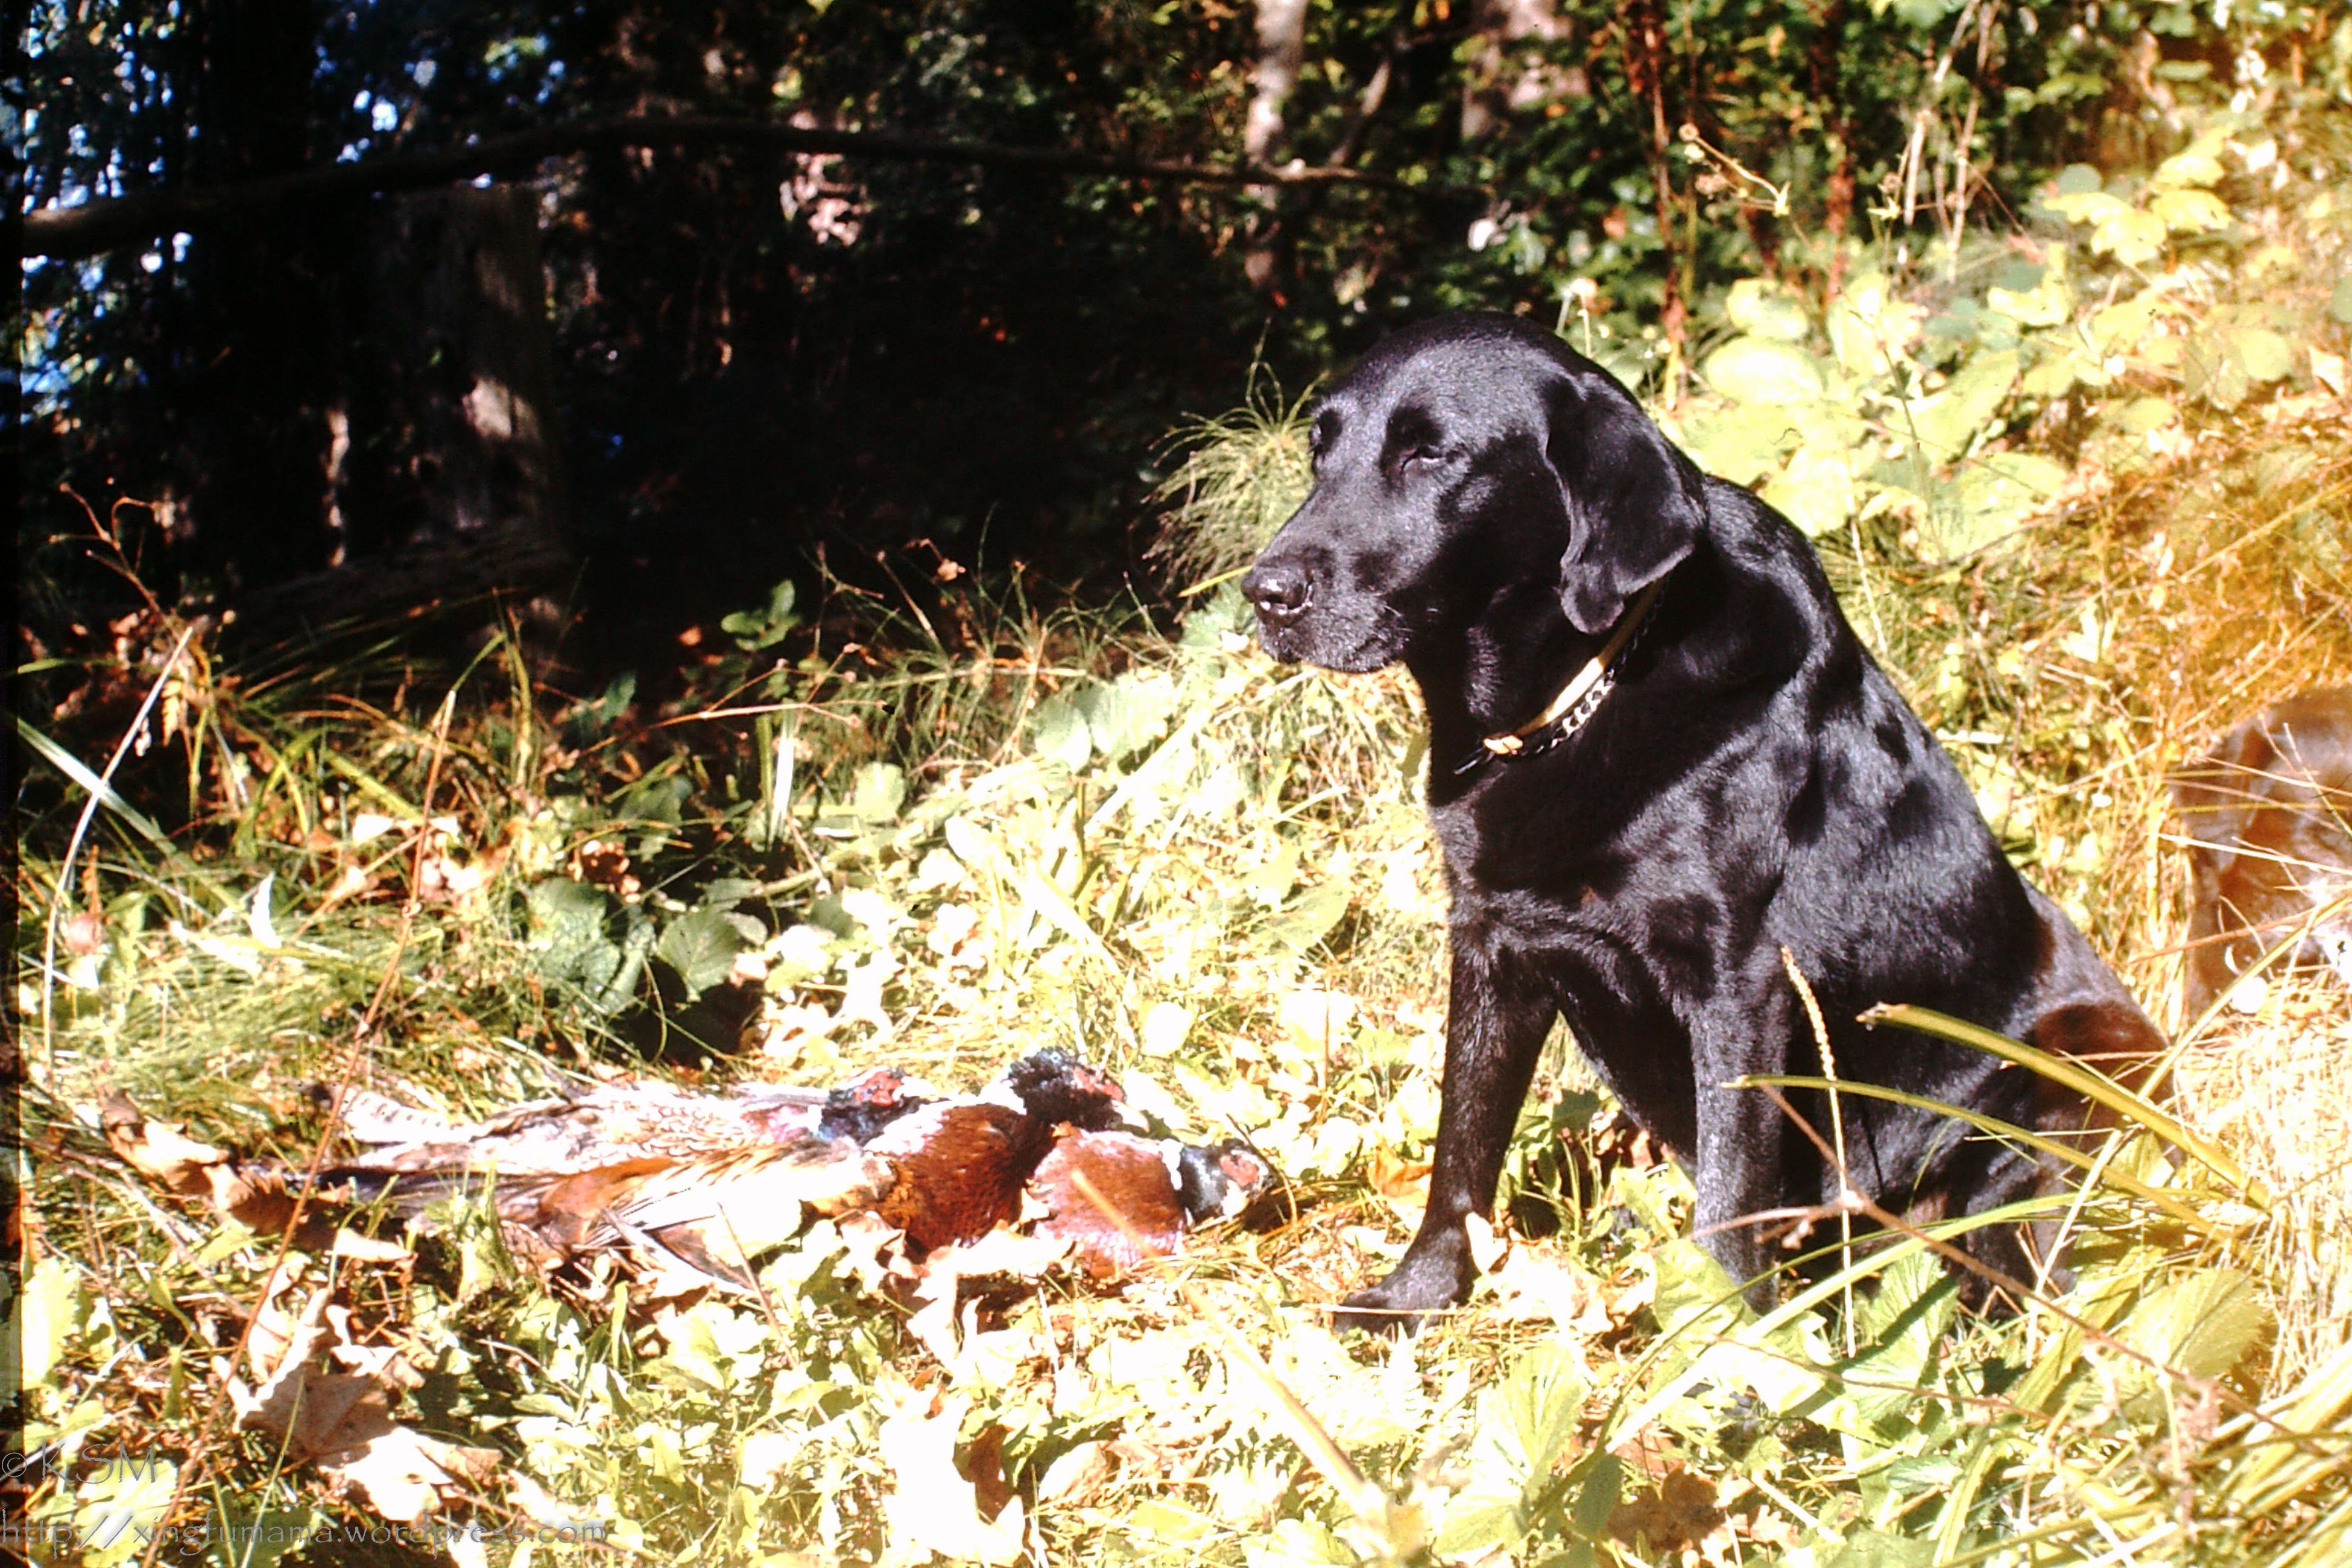 Black Labrador retriever with pheasant.